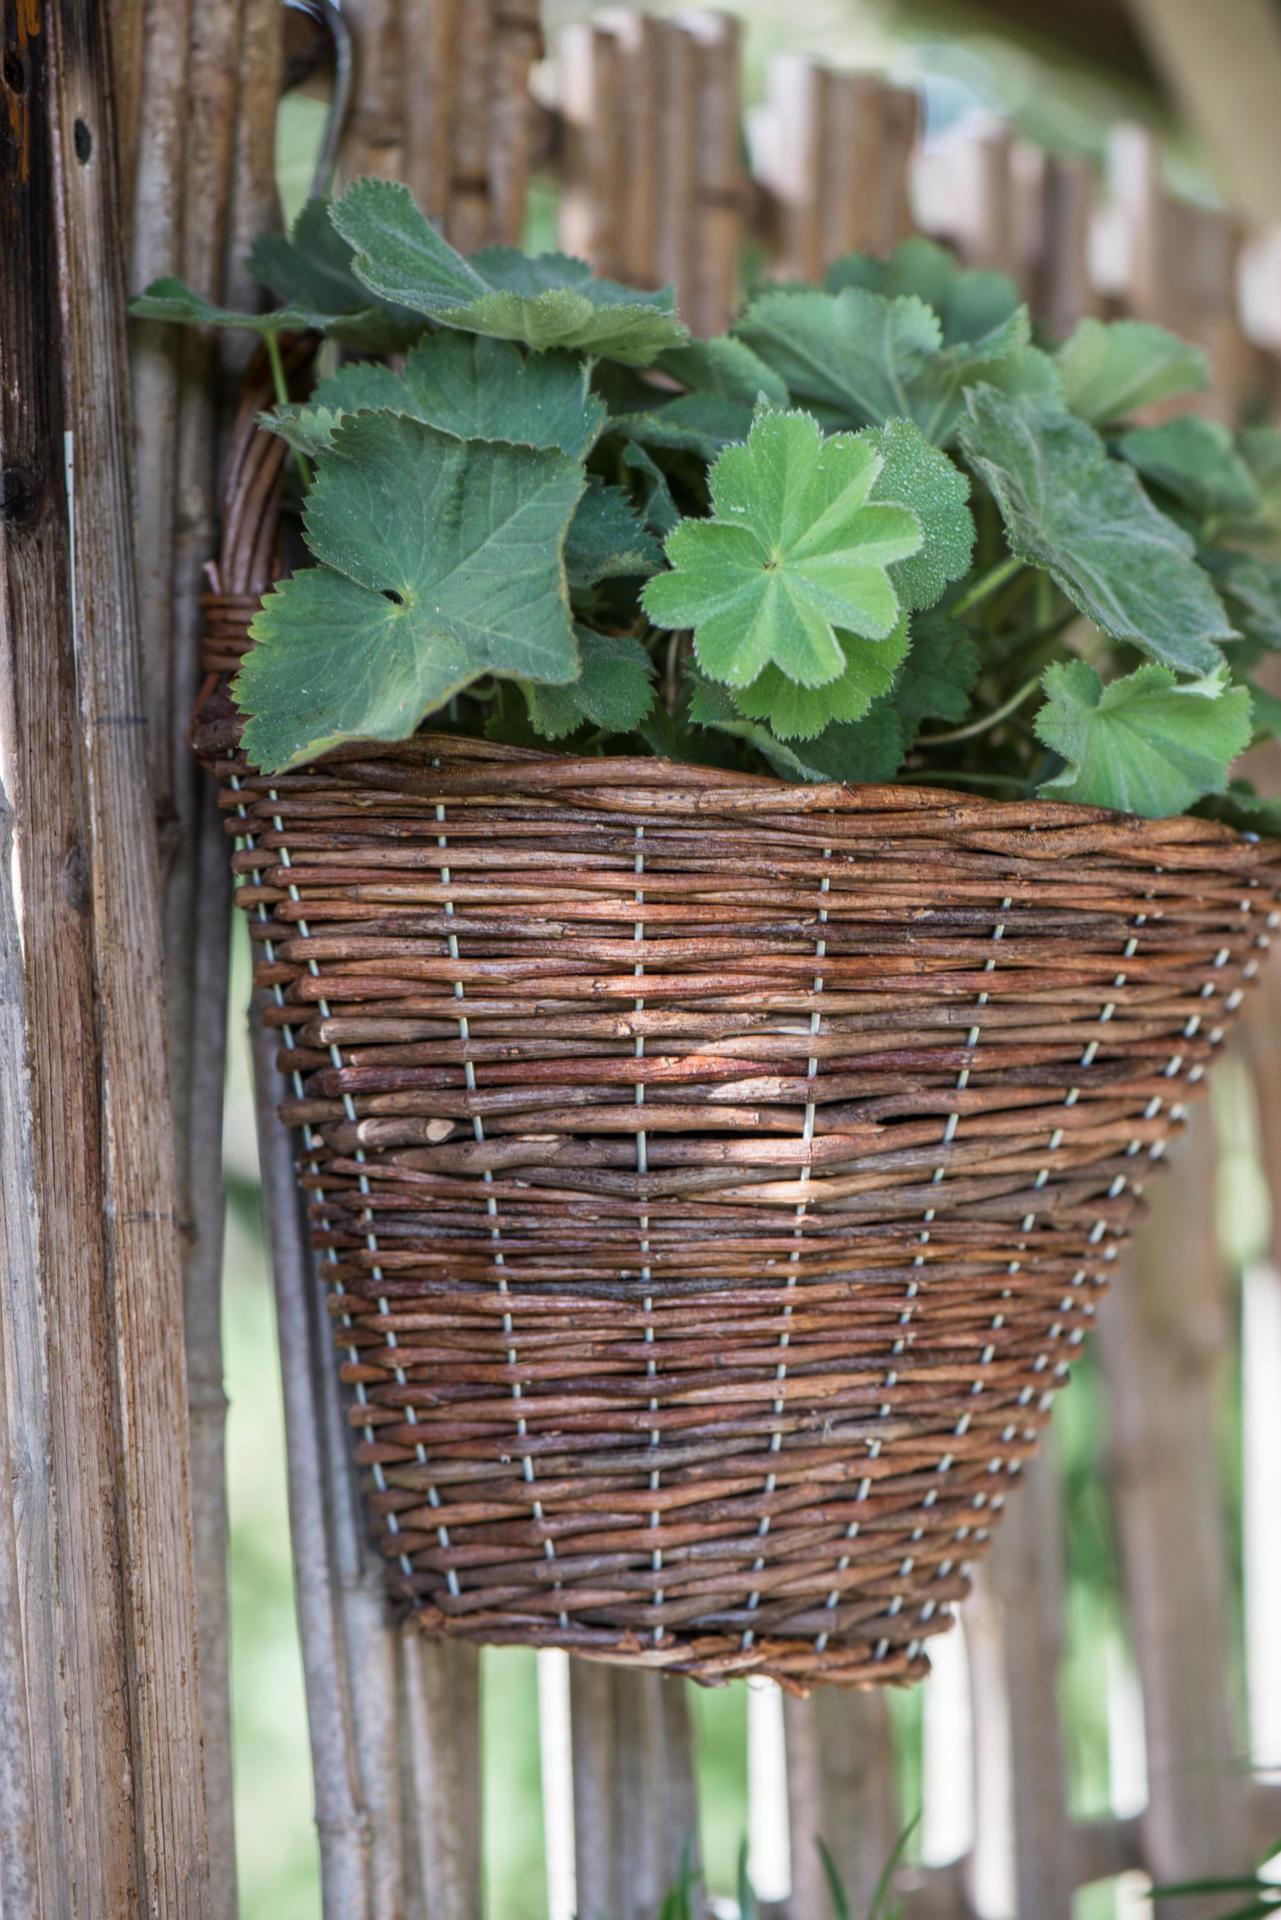 IB LAURSEN Nástěnný proutěný koš Willow, přírodní barva, proutí